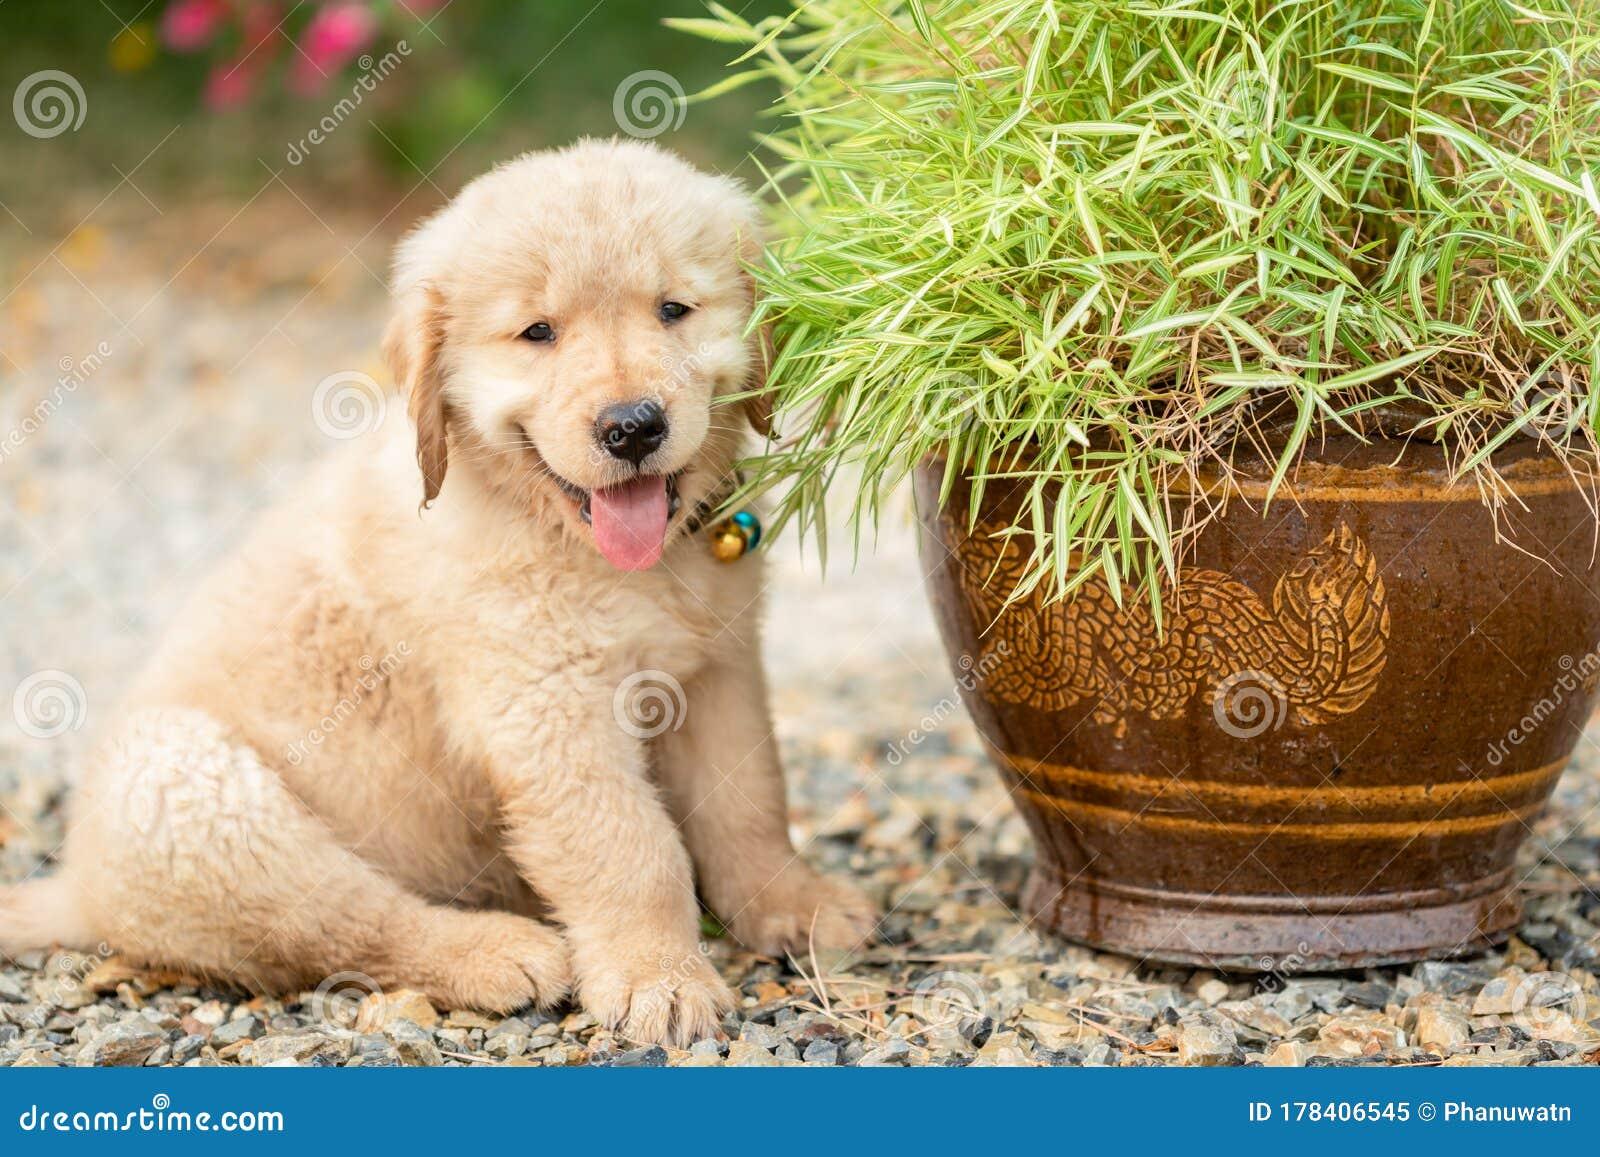 Cute Puppy Golden Retriever Eating Small Bamboo Plants Or Thyrsostachys Siamensis Gamble In Garden Pot Stock Image Image Of Golden Environment 178406545